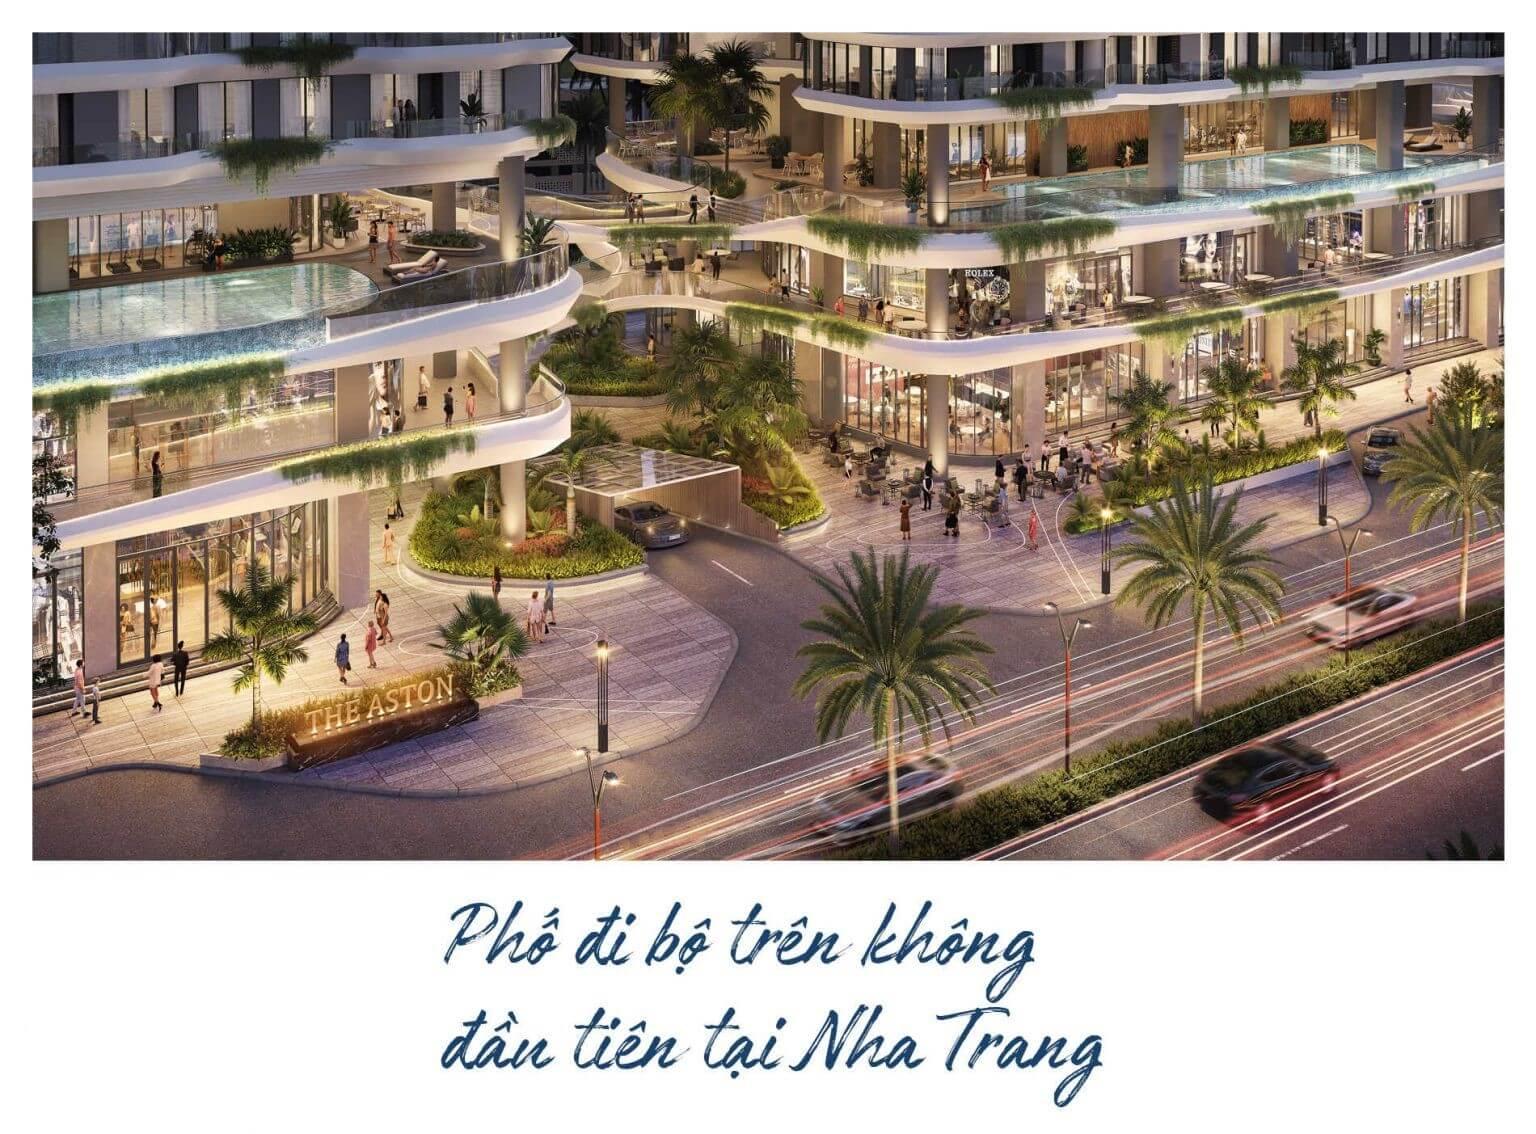 tiện ích dự án The Aston Nha Trang